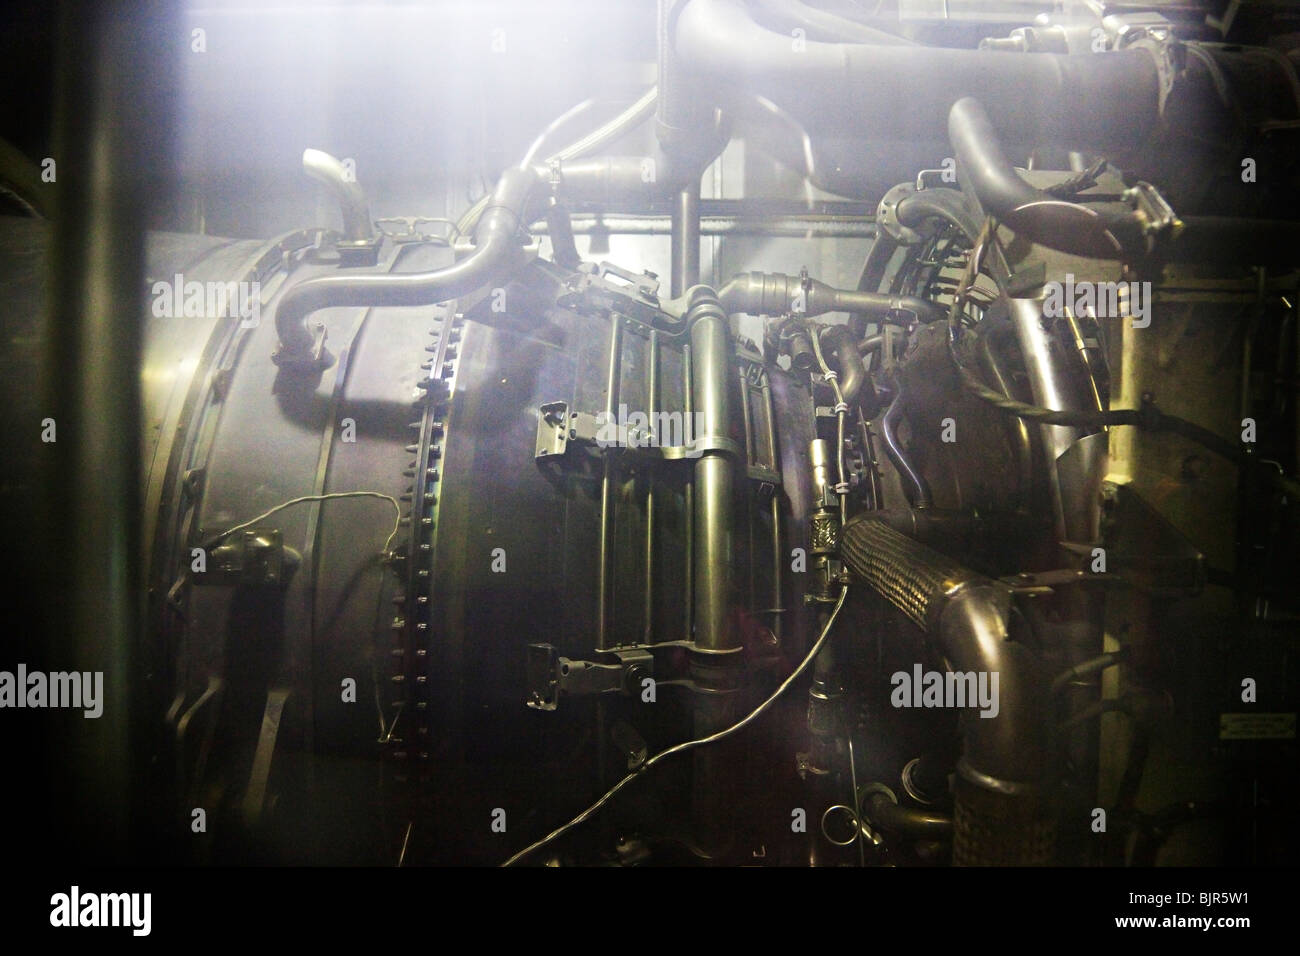 Gas Turbine Engine zur Erzeugung von Strom (GuD-Anlage) Stockbild